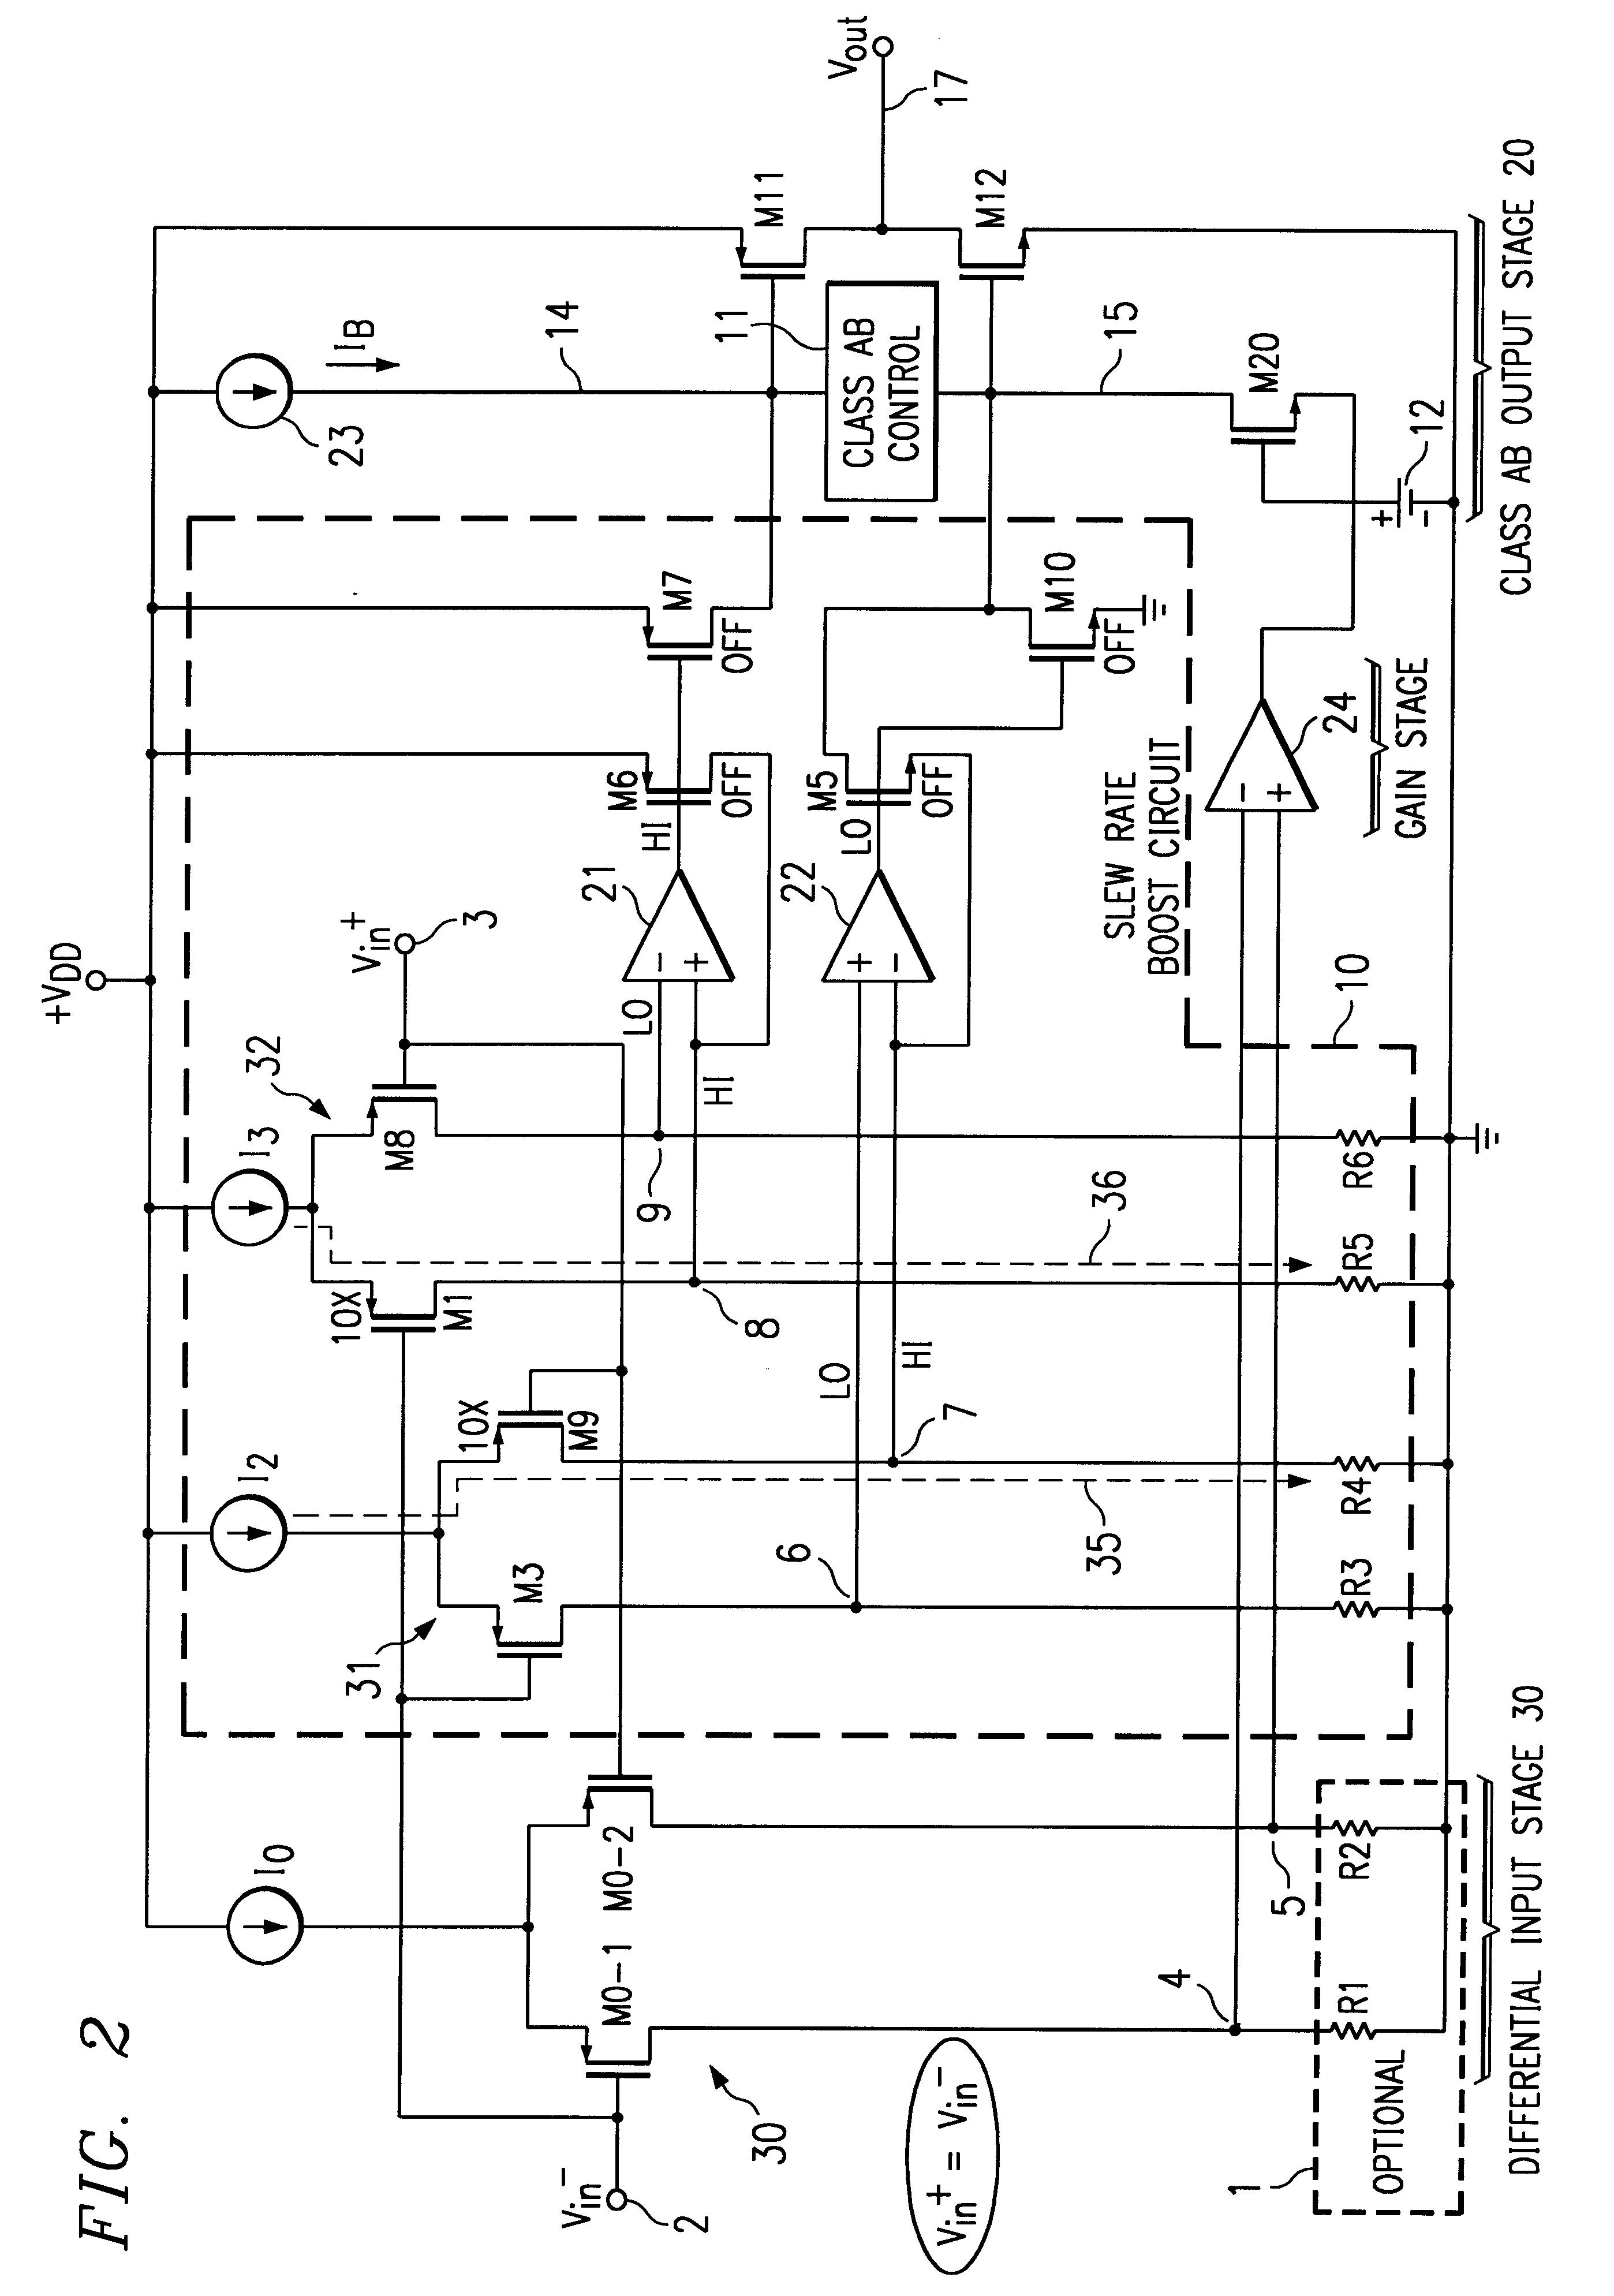 patent us6359512